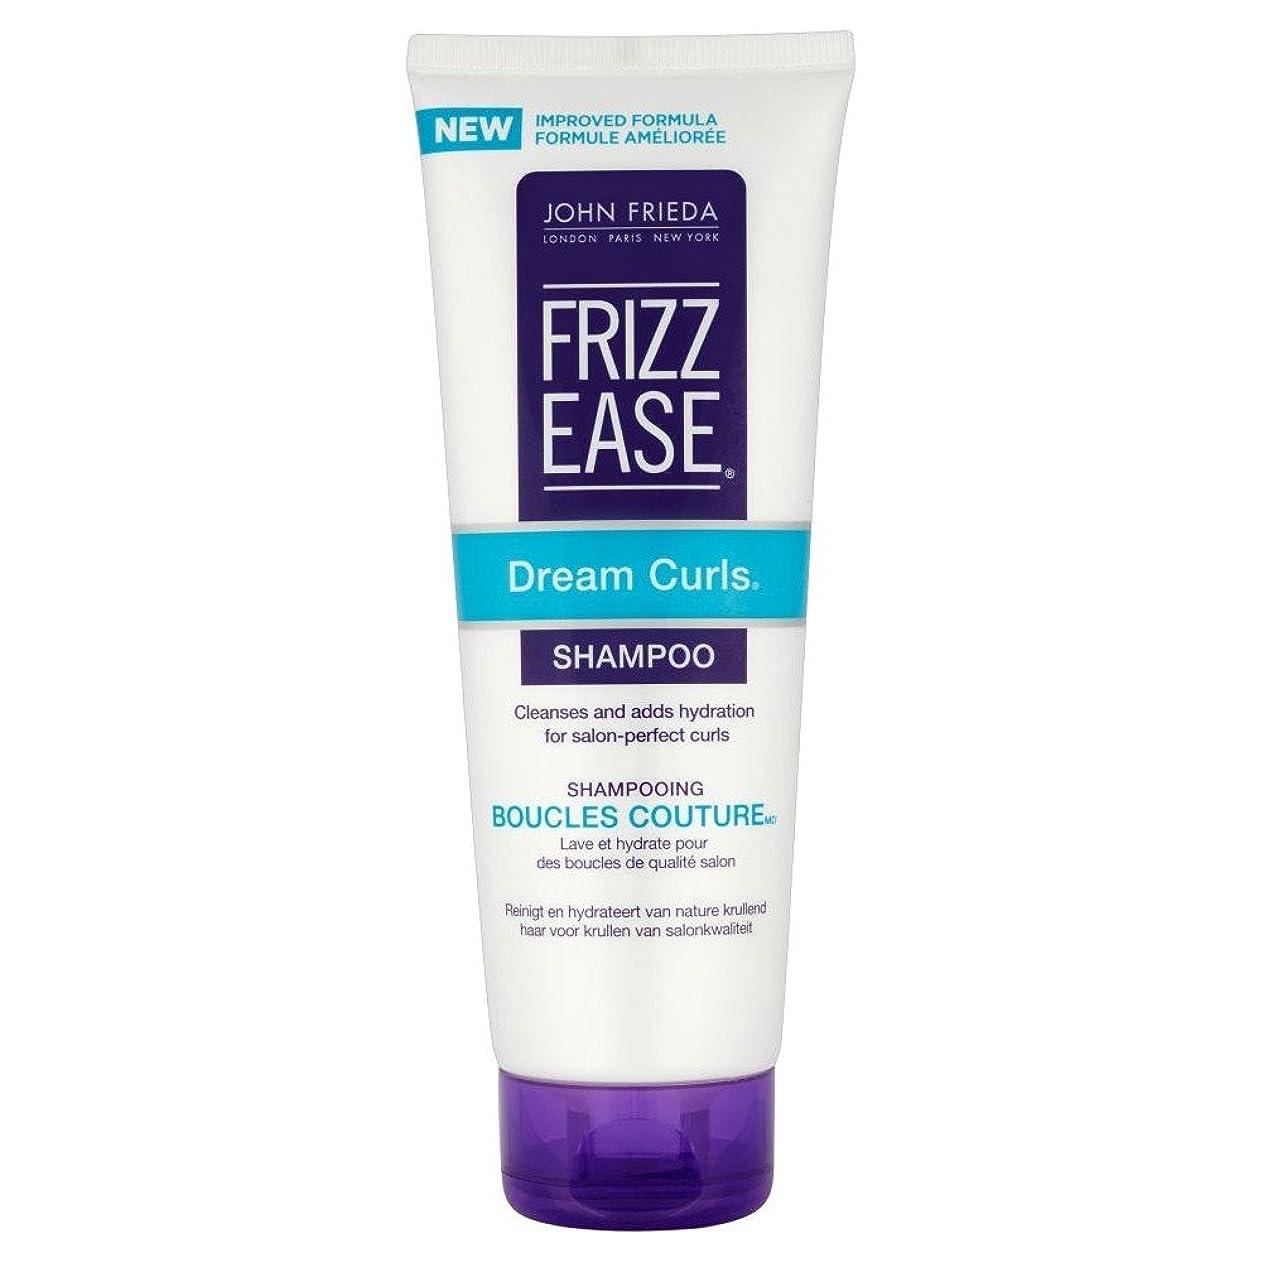 ショップ補助金冷凍庫John Frieda Frizz Ease Dream Curls Shampoo (250ml) ジョン?フリーダ縮れ容易夢のカールシャンプー( 250ミリリットル) [並行輸入品]